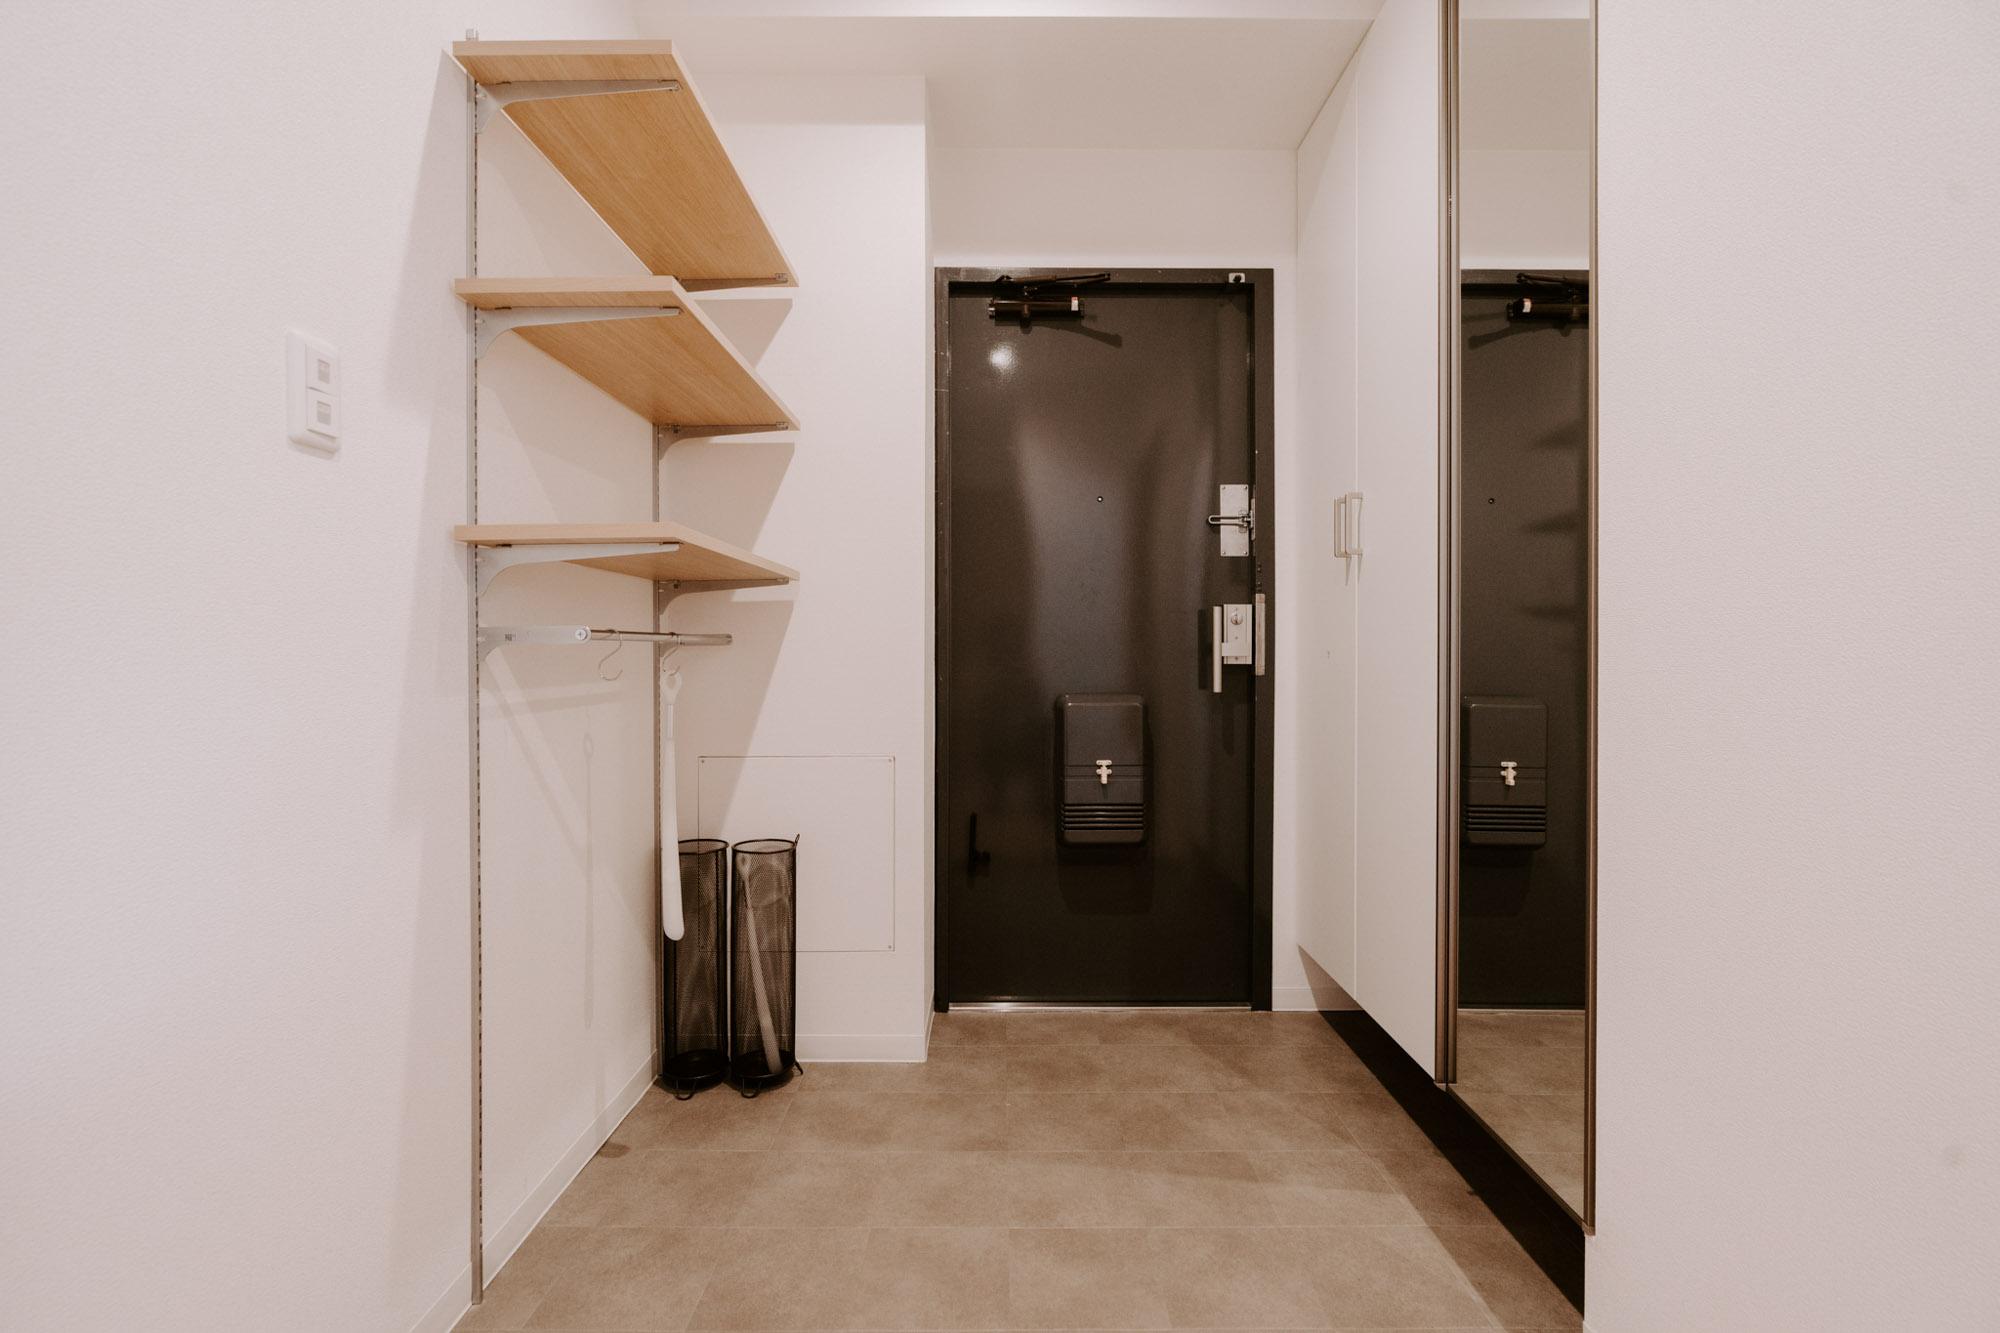 玄関のスペースも広い。大きなシューズクローゼットは姿見つきで、身だしなみチェックも可能。そして吊るせる収納レールをここにも。棚板の位置が動かせるので、下にはベビーカーなどの高さのある物も置けるよう考えられています。